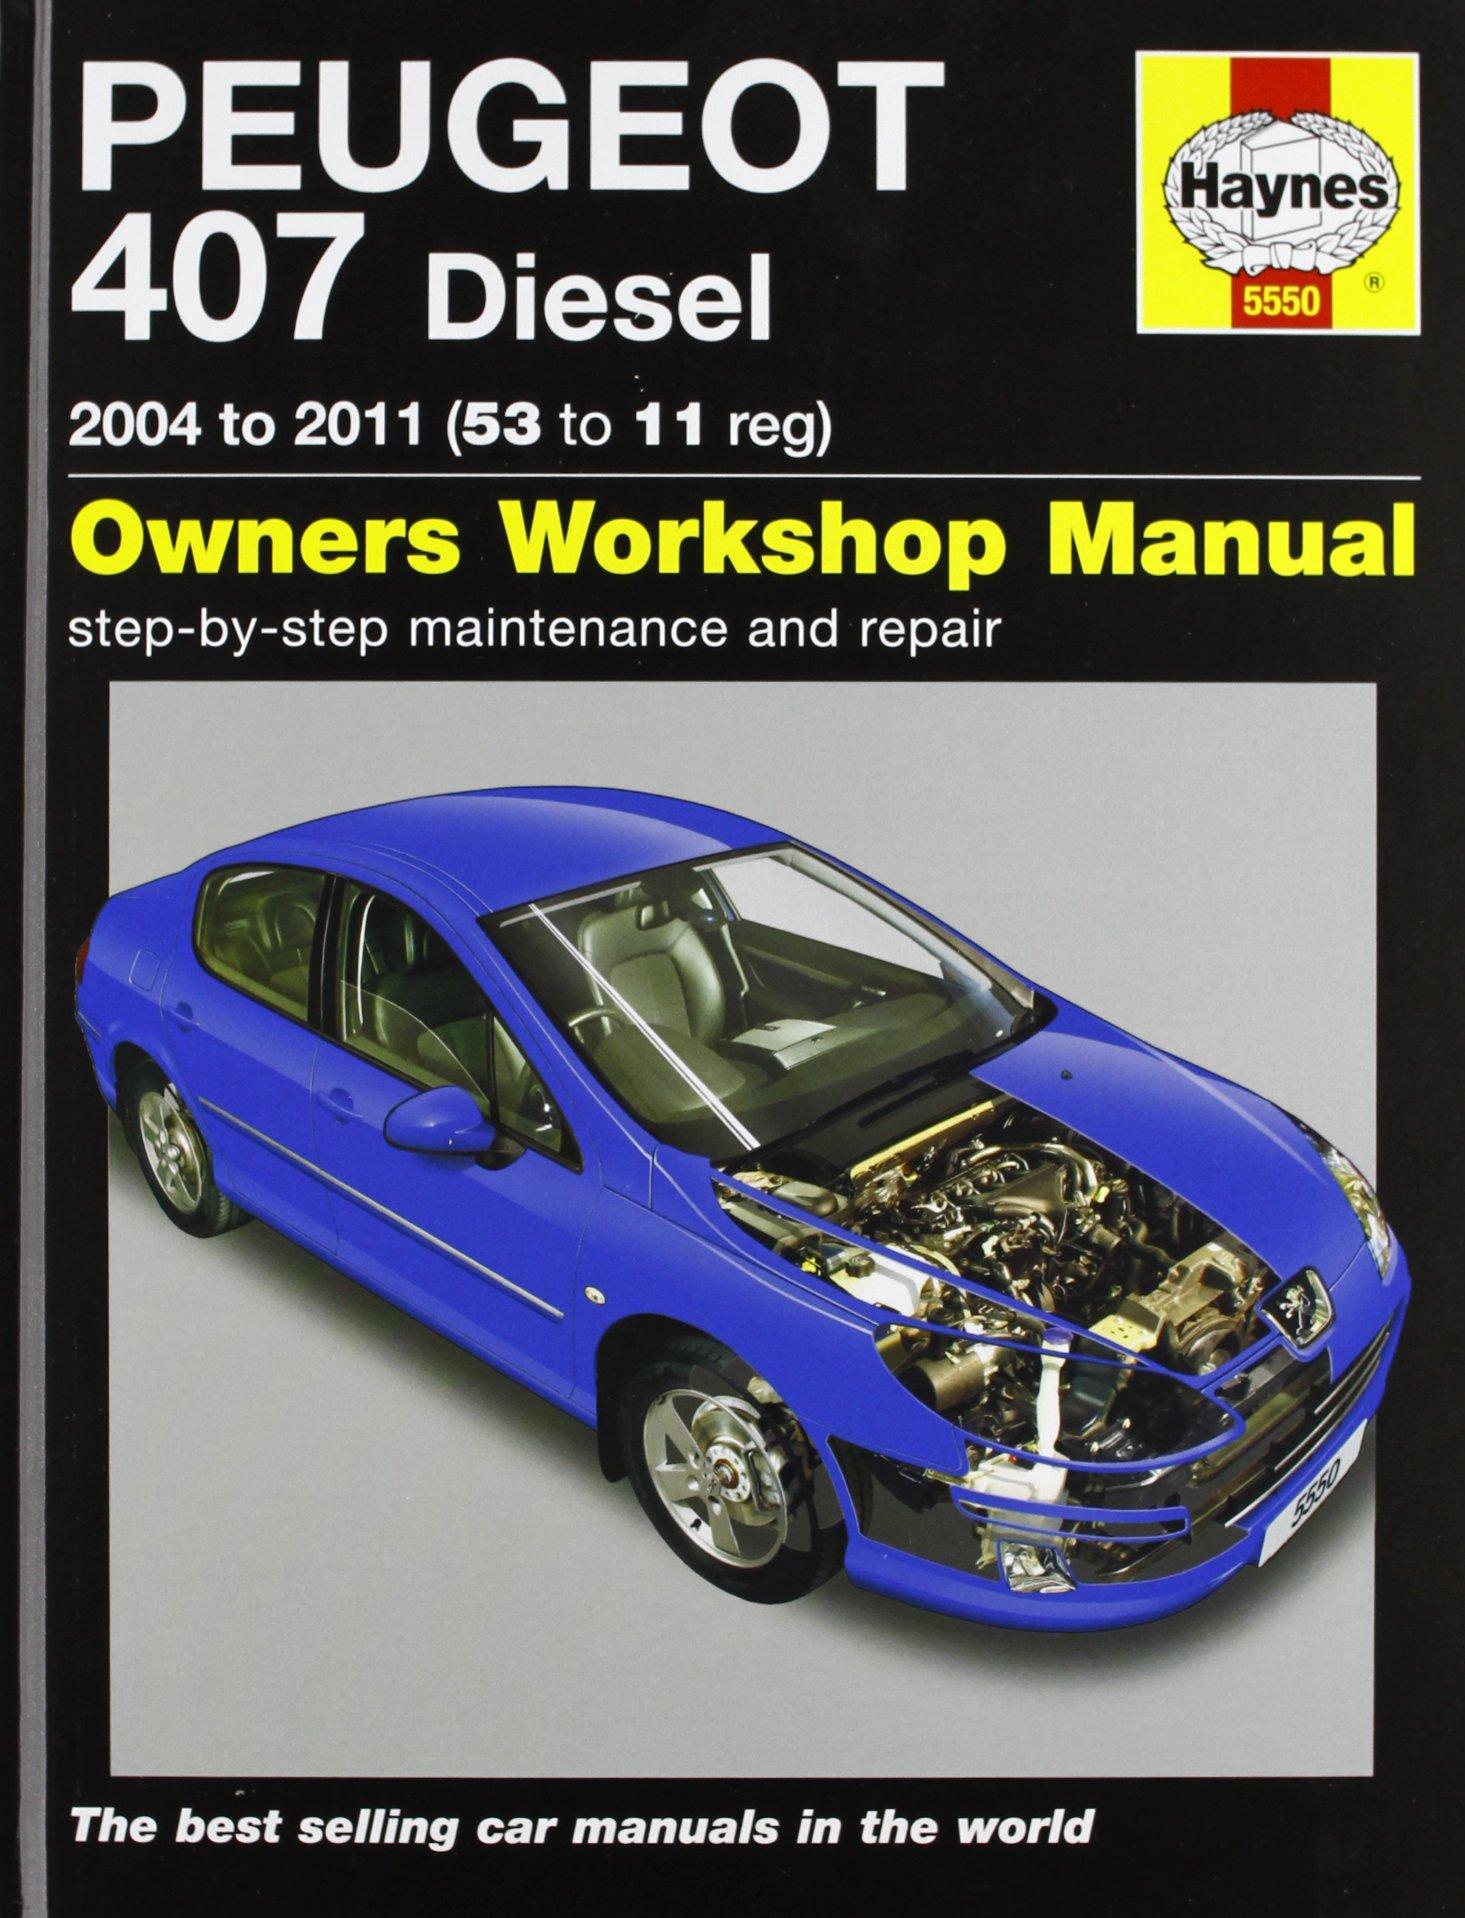 peugeot 307cc repair service manual ebook rh peugeot 307cc repair service manual ebook tem Ranchero 490 Engine Oldsmobile 455 Engine